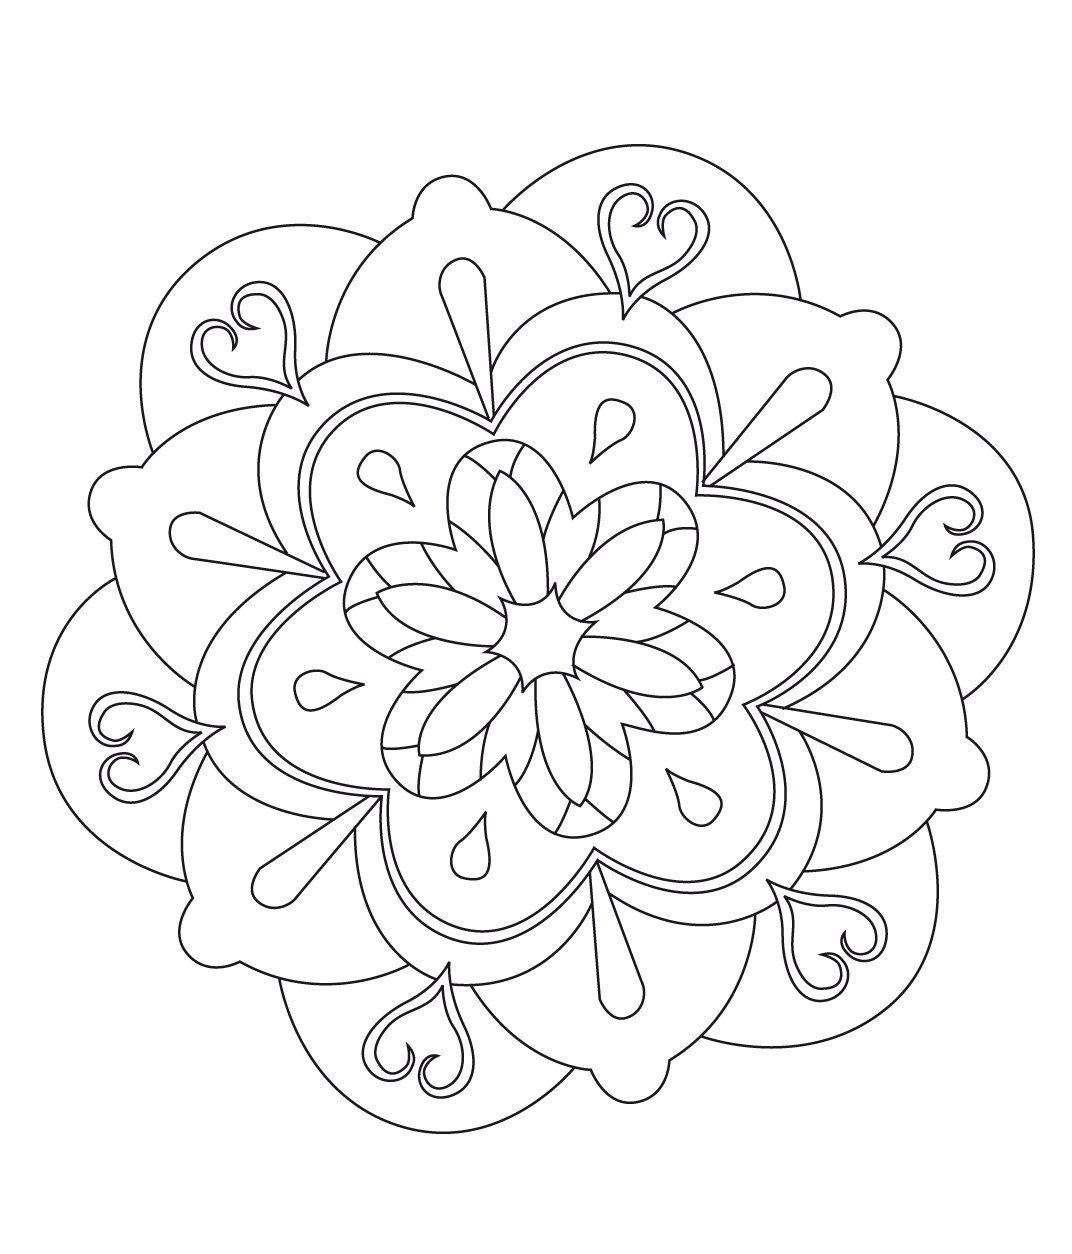 Stci coloriage pour adultes et enfants mandalas boutis - Coloriage mendala ...